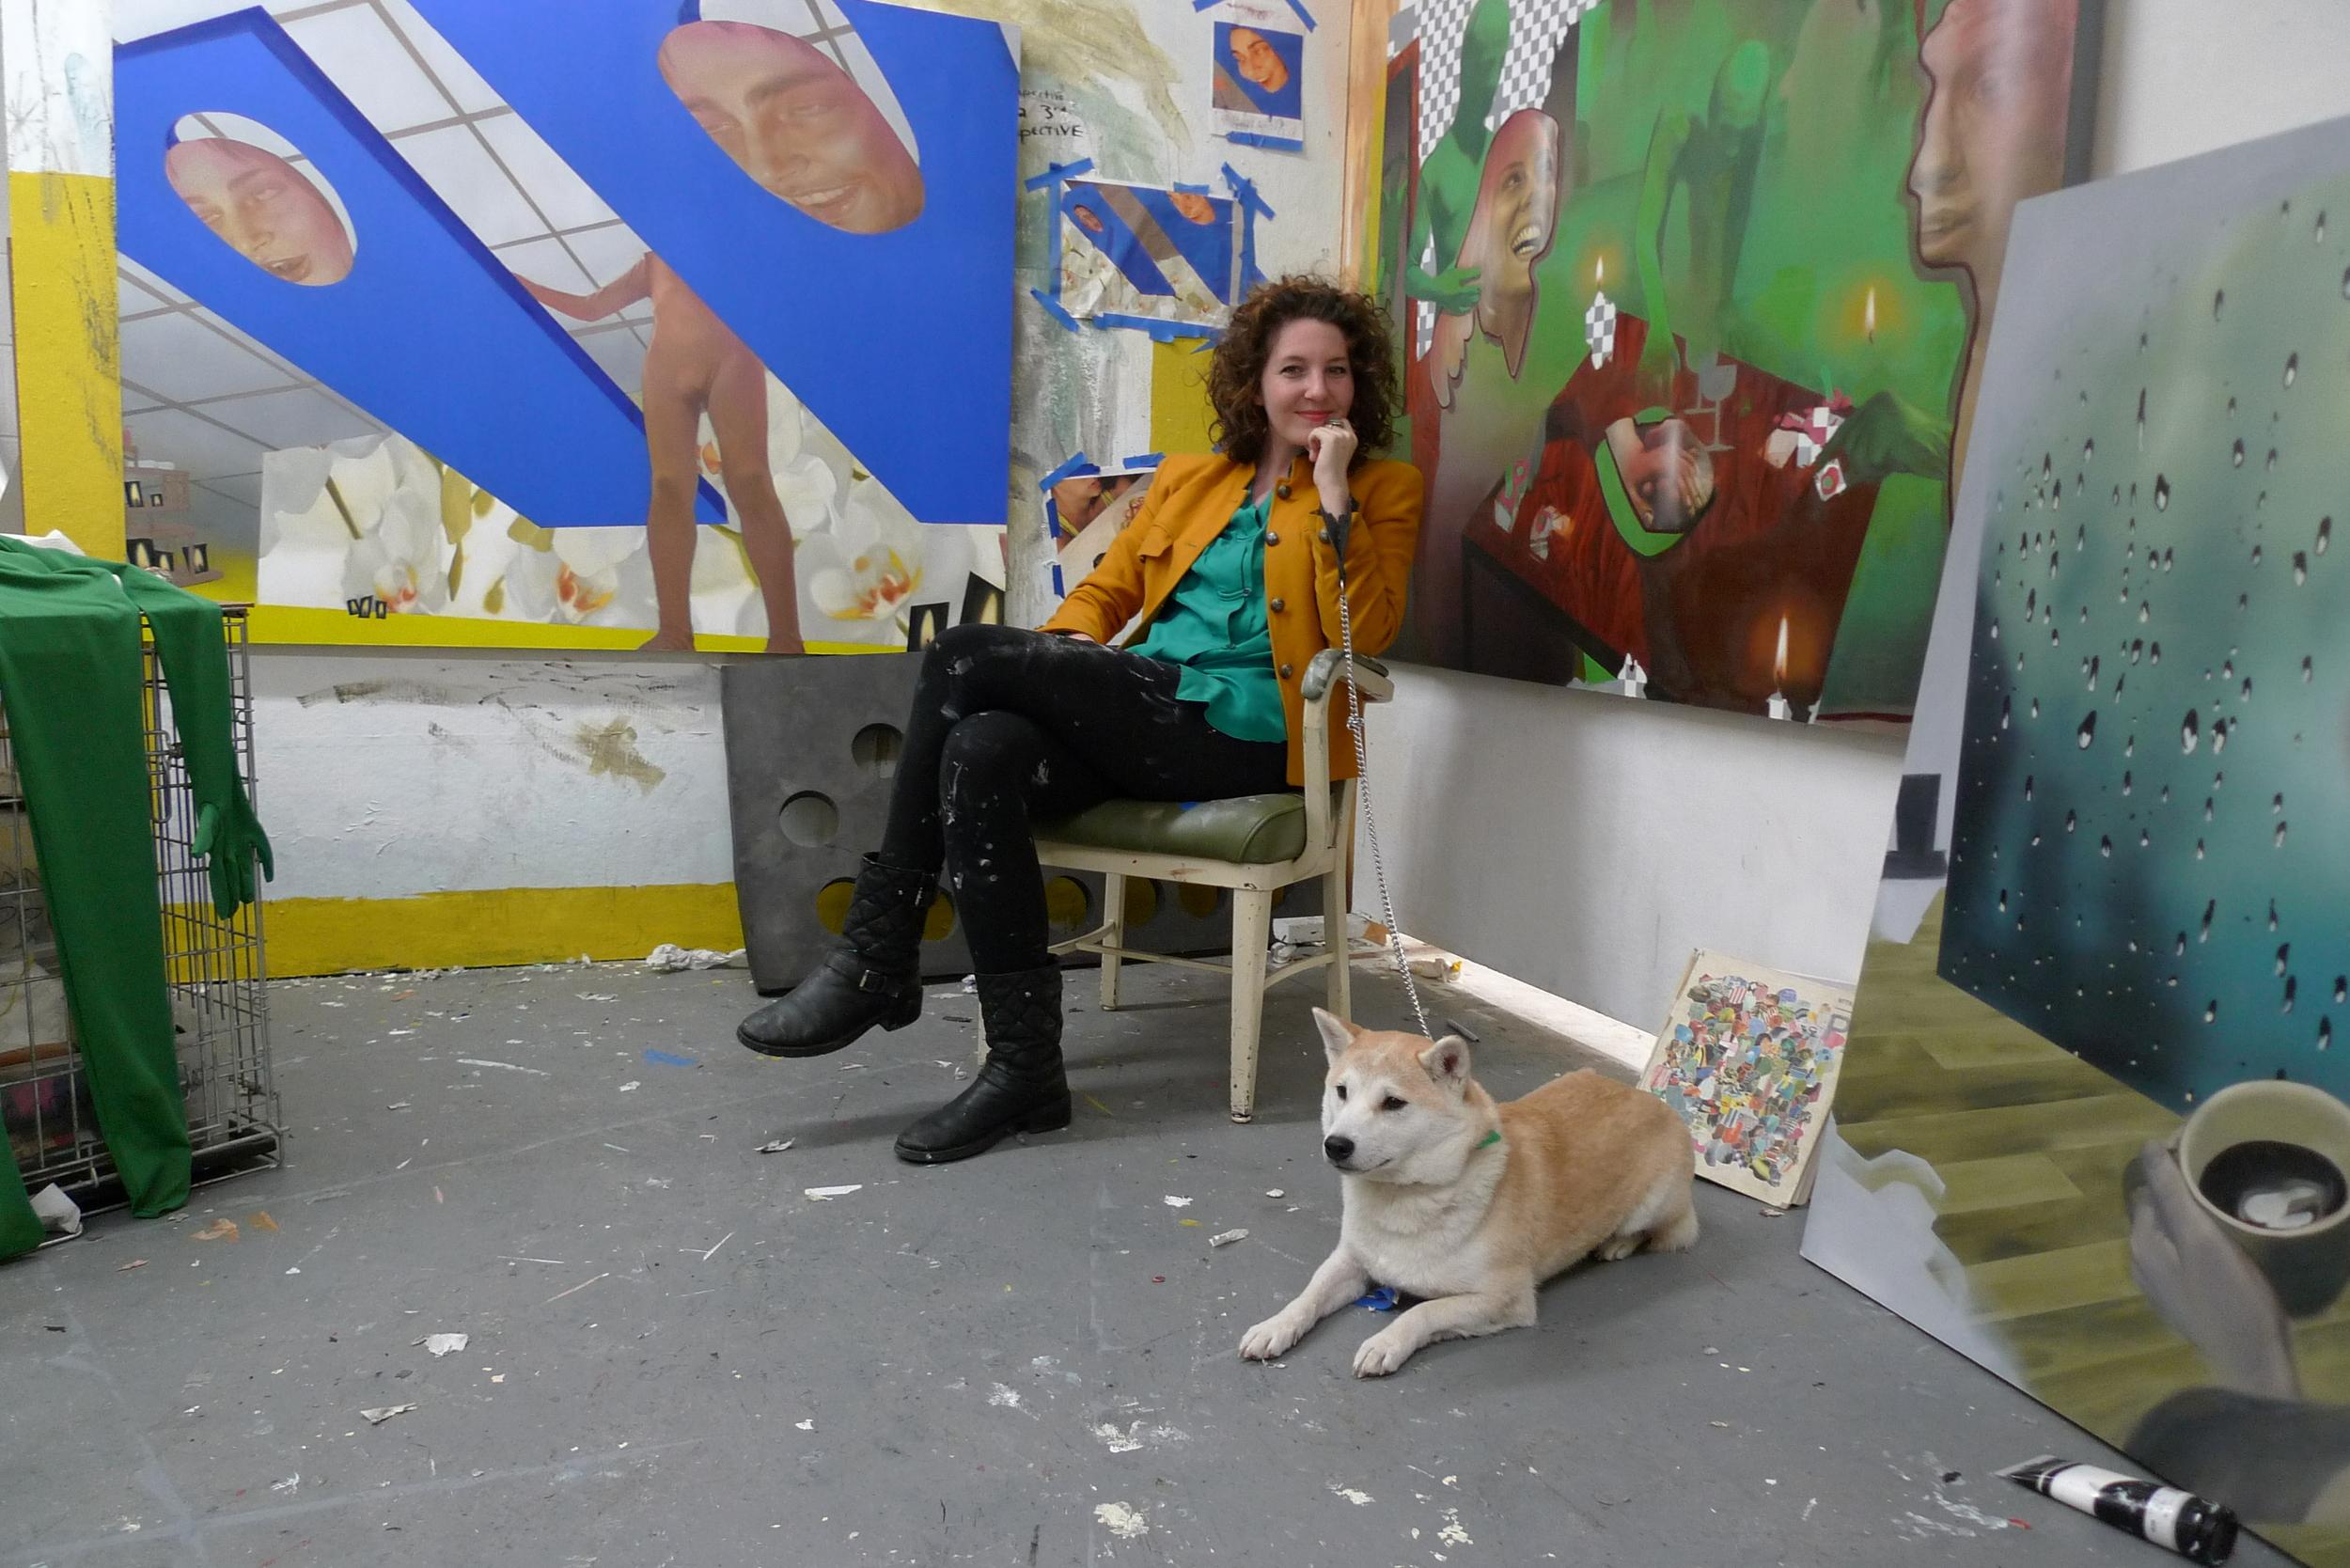 Rives in her studio